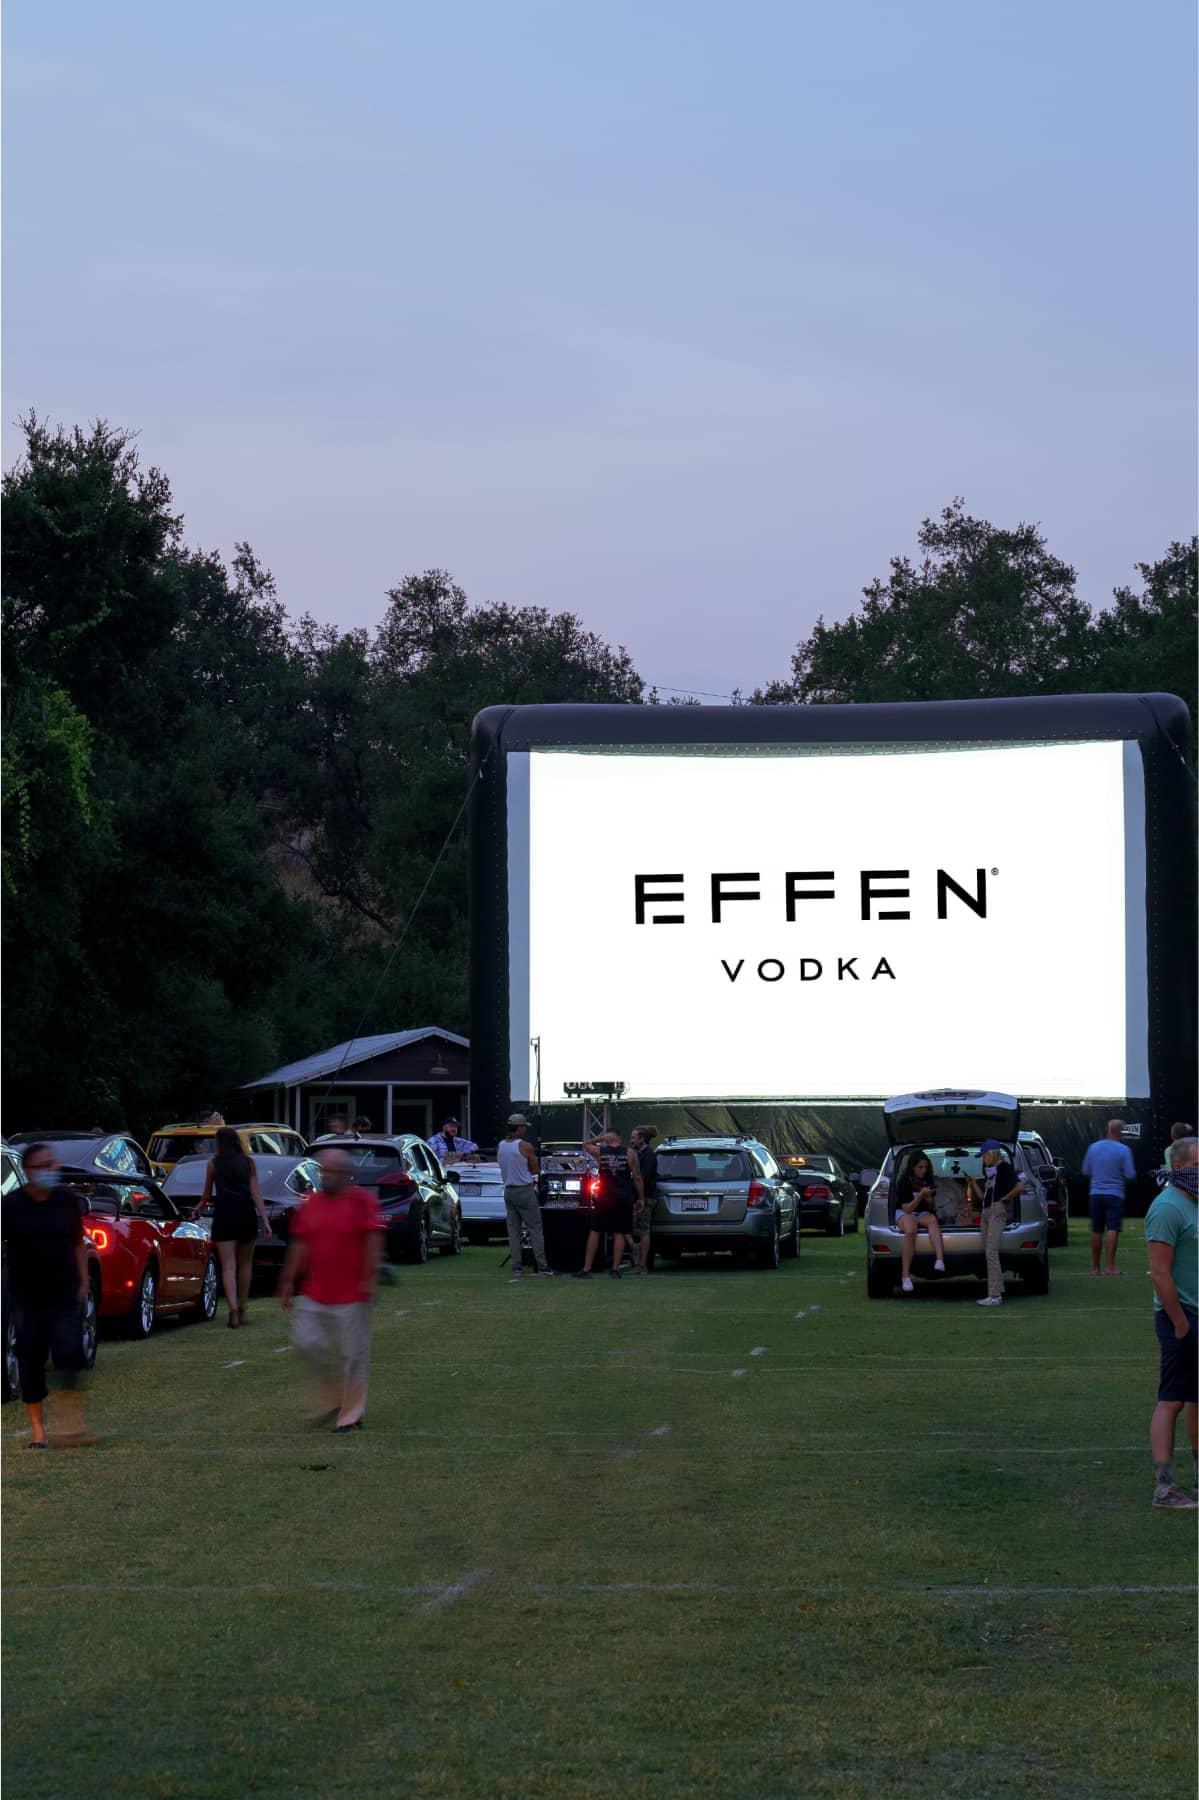 Cinema advertisement of EFFEN Vodka.